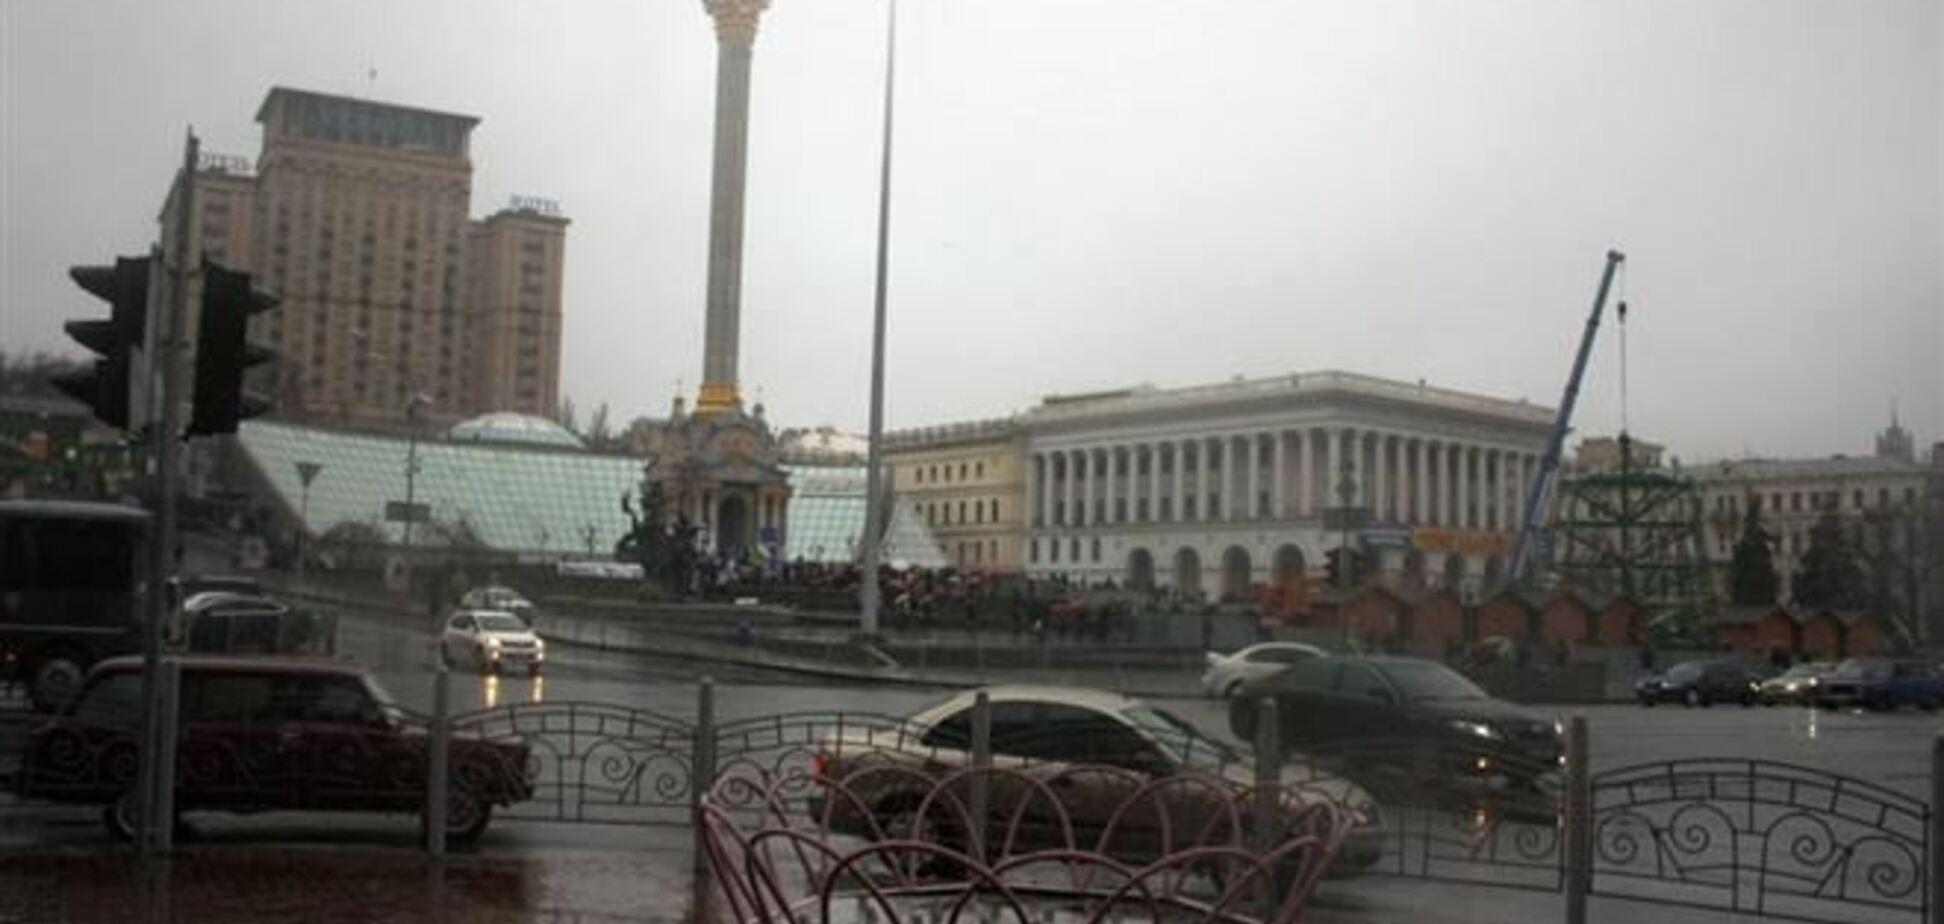 Еды на Евромайдане хватает — активисты